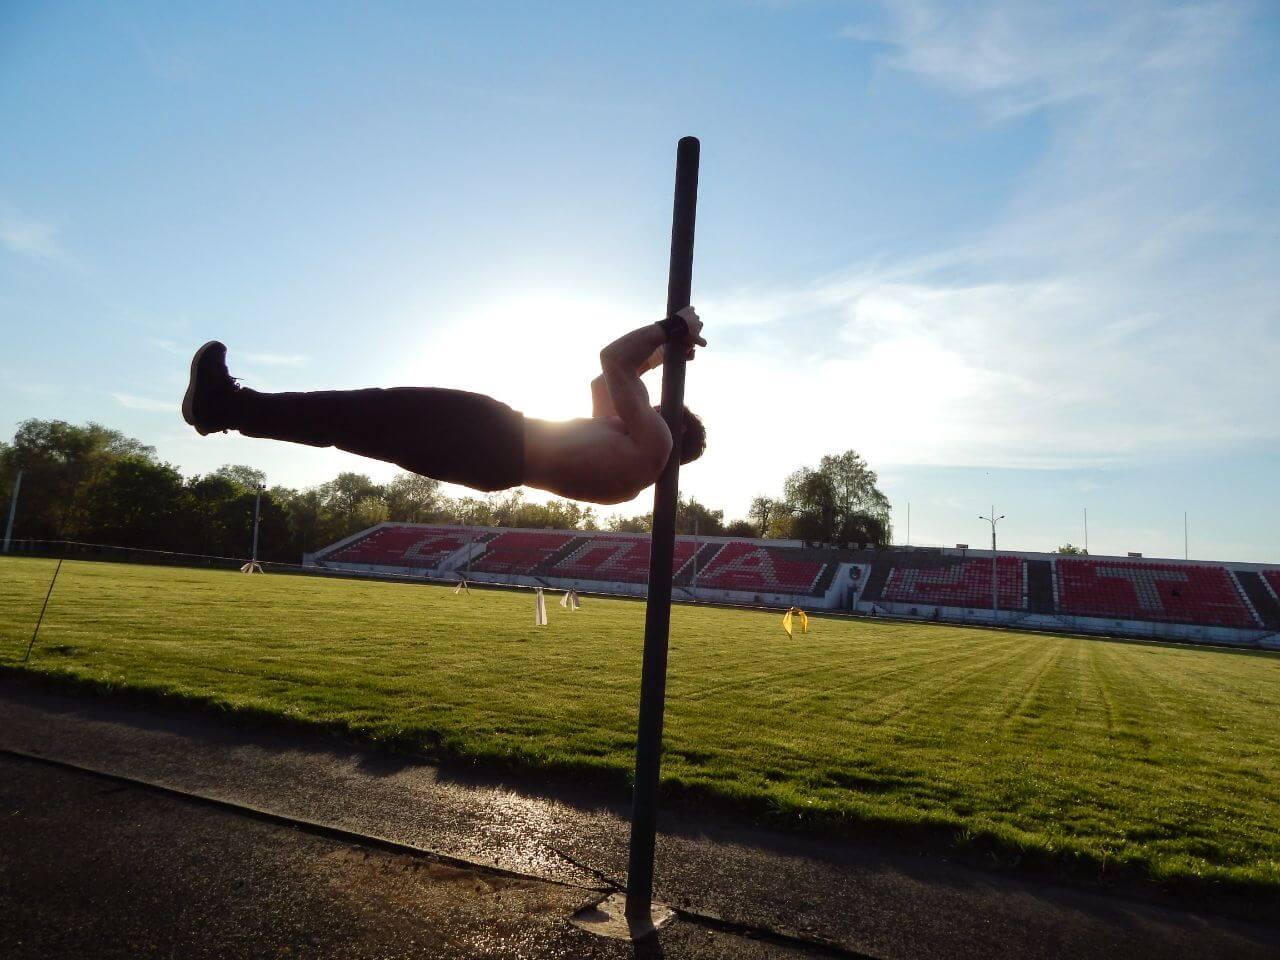 Украинский студент выиграл соревнования по воркауту в Люблине - UniverPL